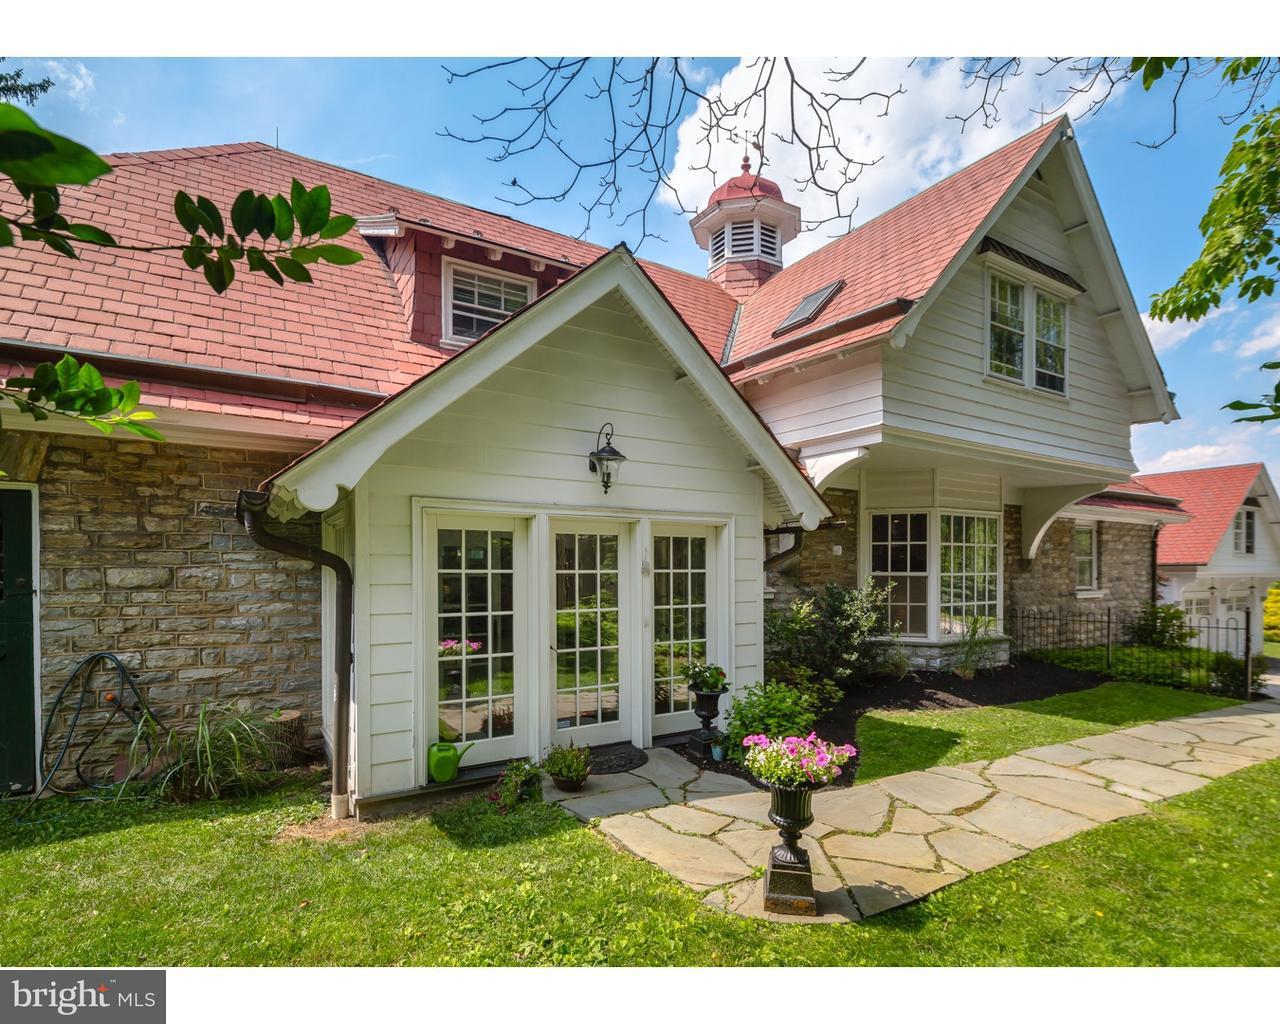 独户住宅 为 出租 在 11 HARFORD Lane 韦恩, 宾夕法尼亚州 19087 美国